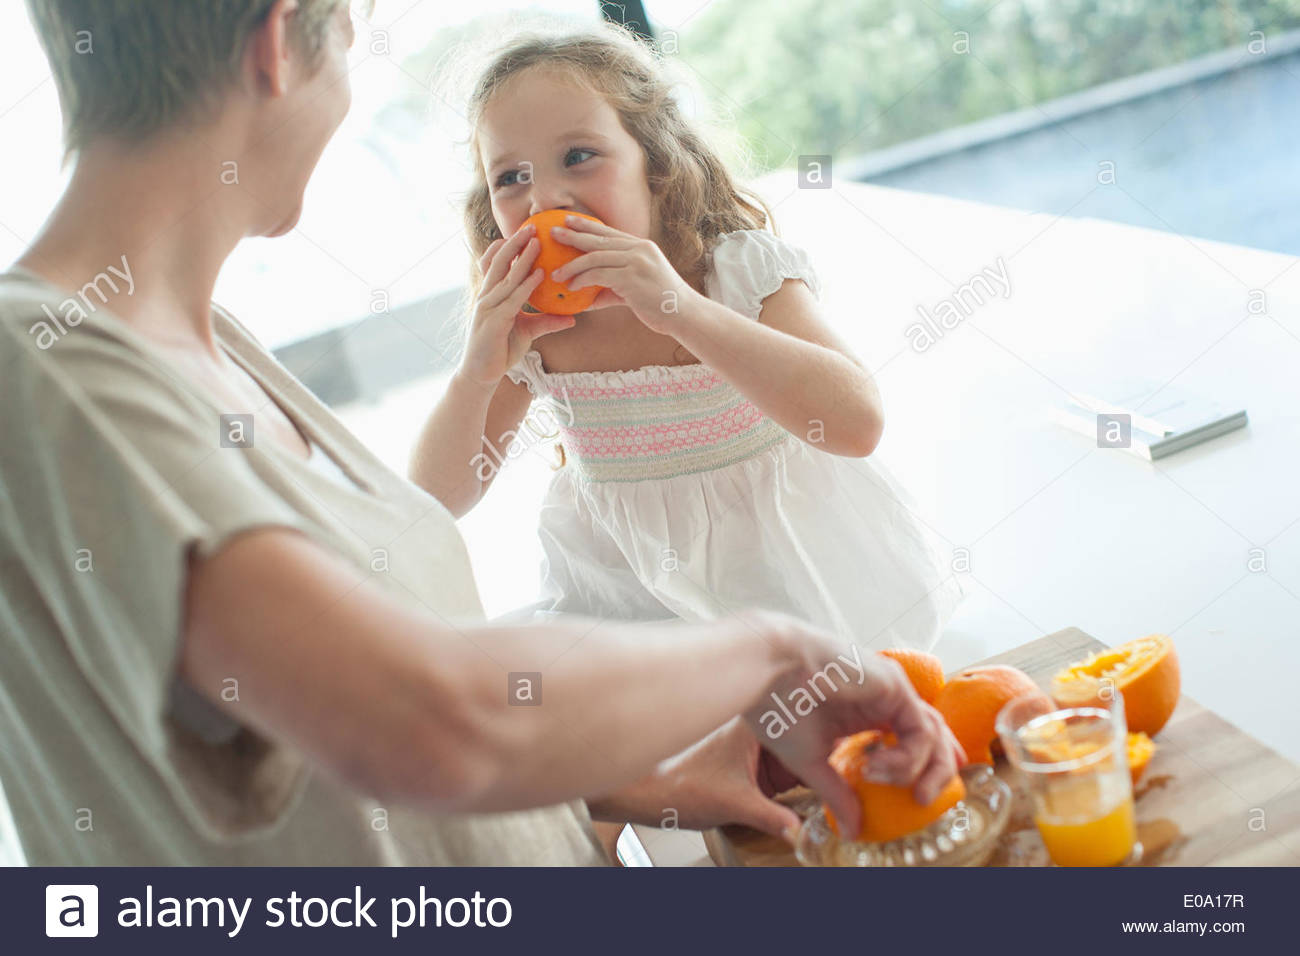 Mother watching girl eating orange - Stock Image